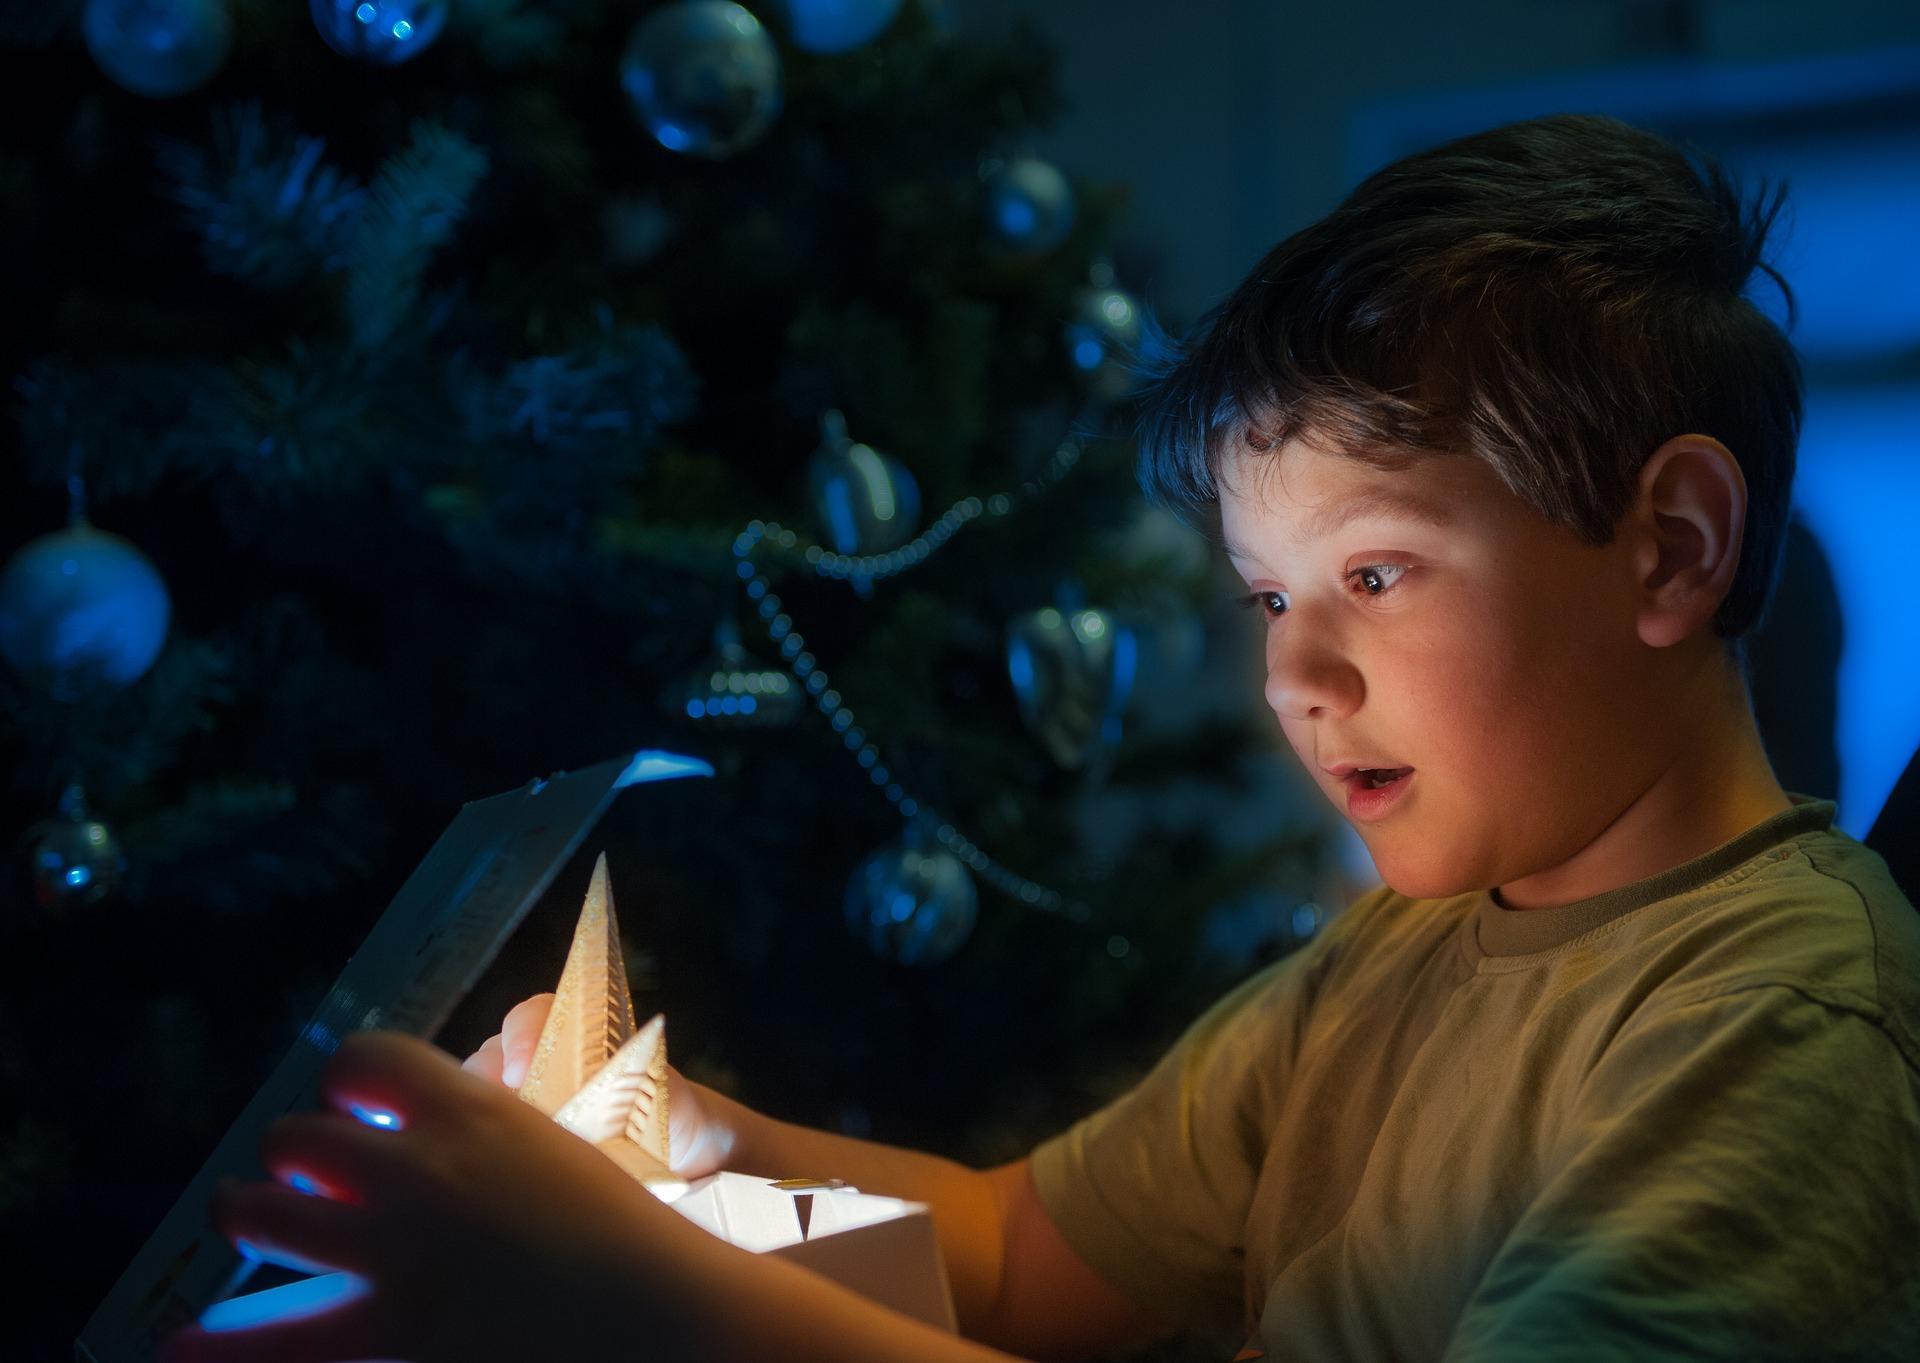 Noël : Les Meilleurs Cadeaux Pour Les Garçons De 8 Ans - Le à Jeux De Garcon Gratuit 3 Ans